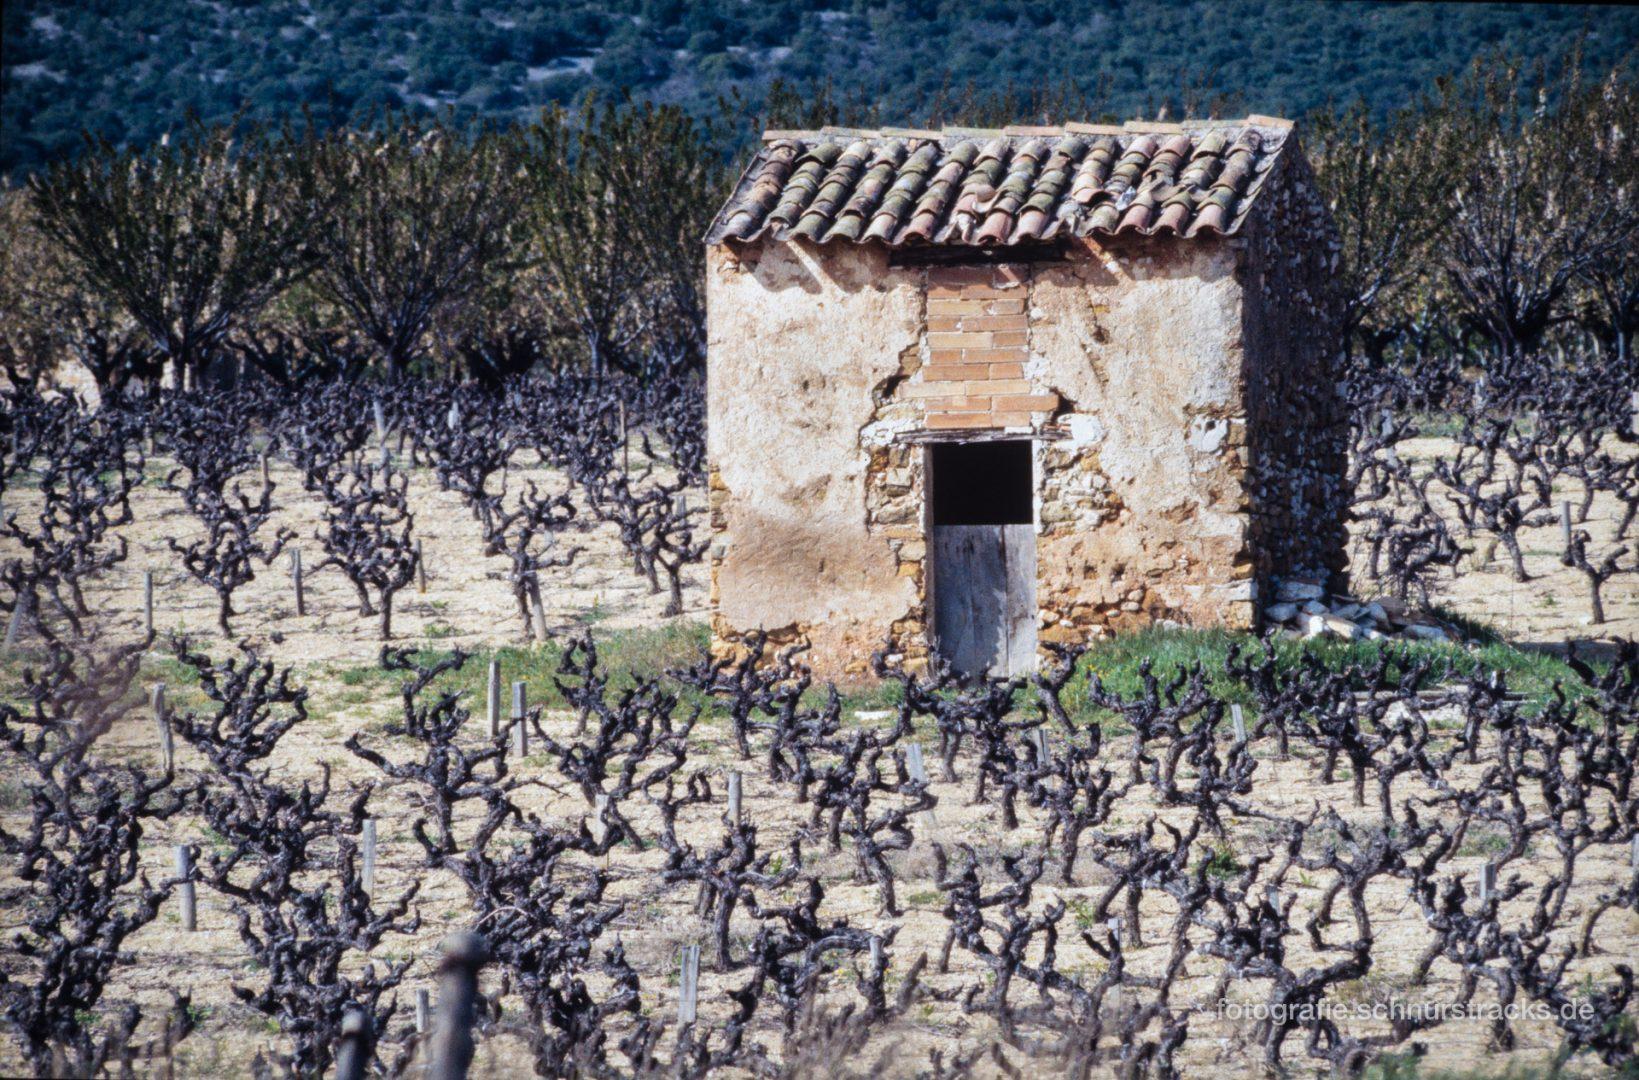 Hütte umgeben von Weinstöcken im Luberon #0806